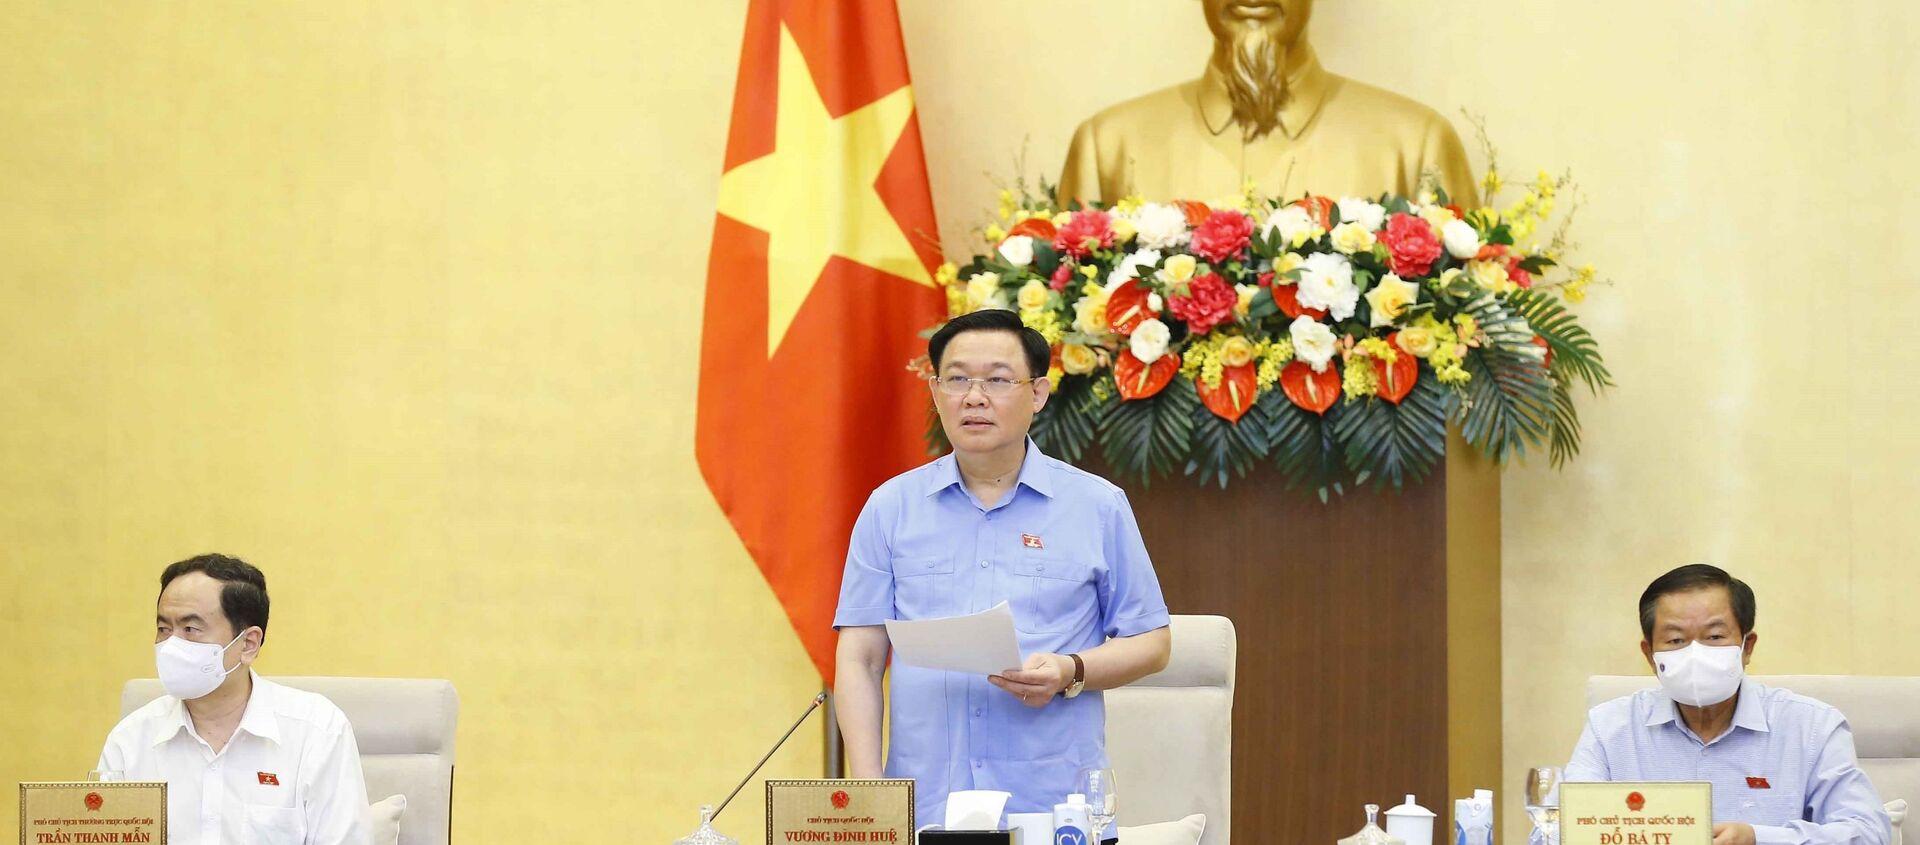 Chủ tịch Quốc hội Vương Đình Huệ phát biểu kết luận Phiên họp. - Sputnik Việt Nam, 1920, 27.05.2021